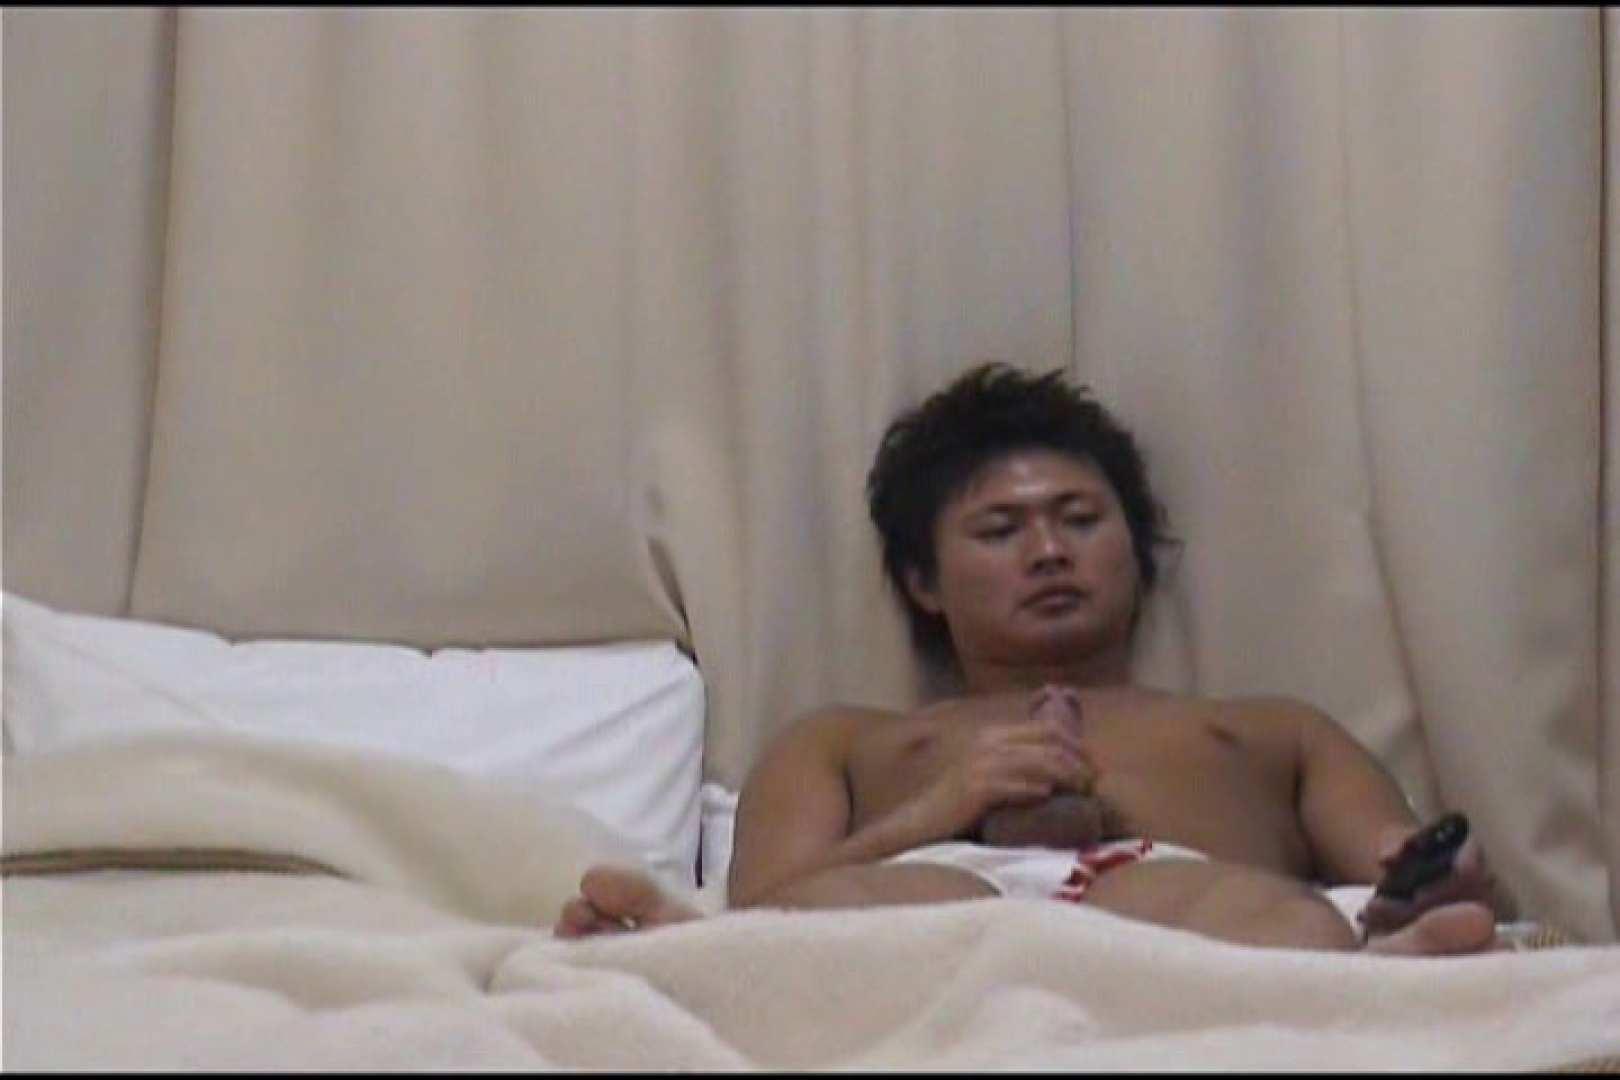 目線解禁!ノンケイケメン自慰行為編特集!VOL.01 イケメンのsex | 人気シリーズ  54pic 43